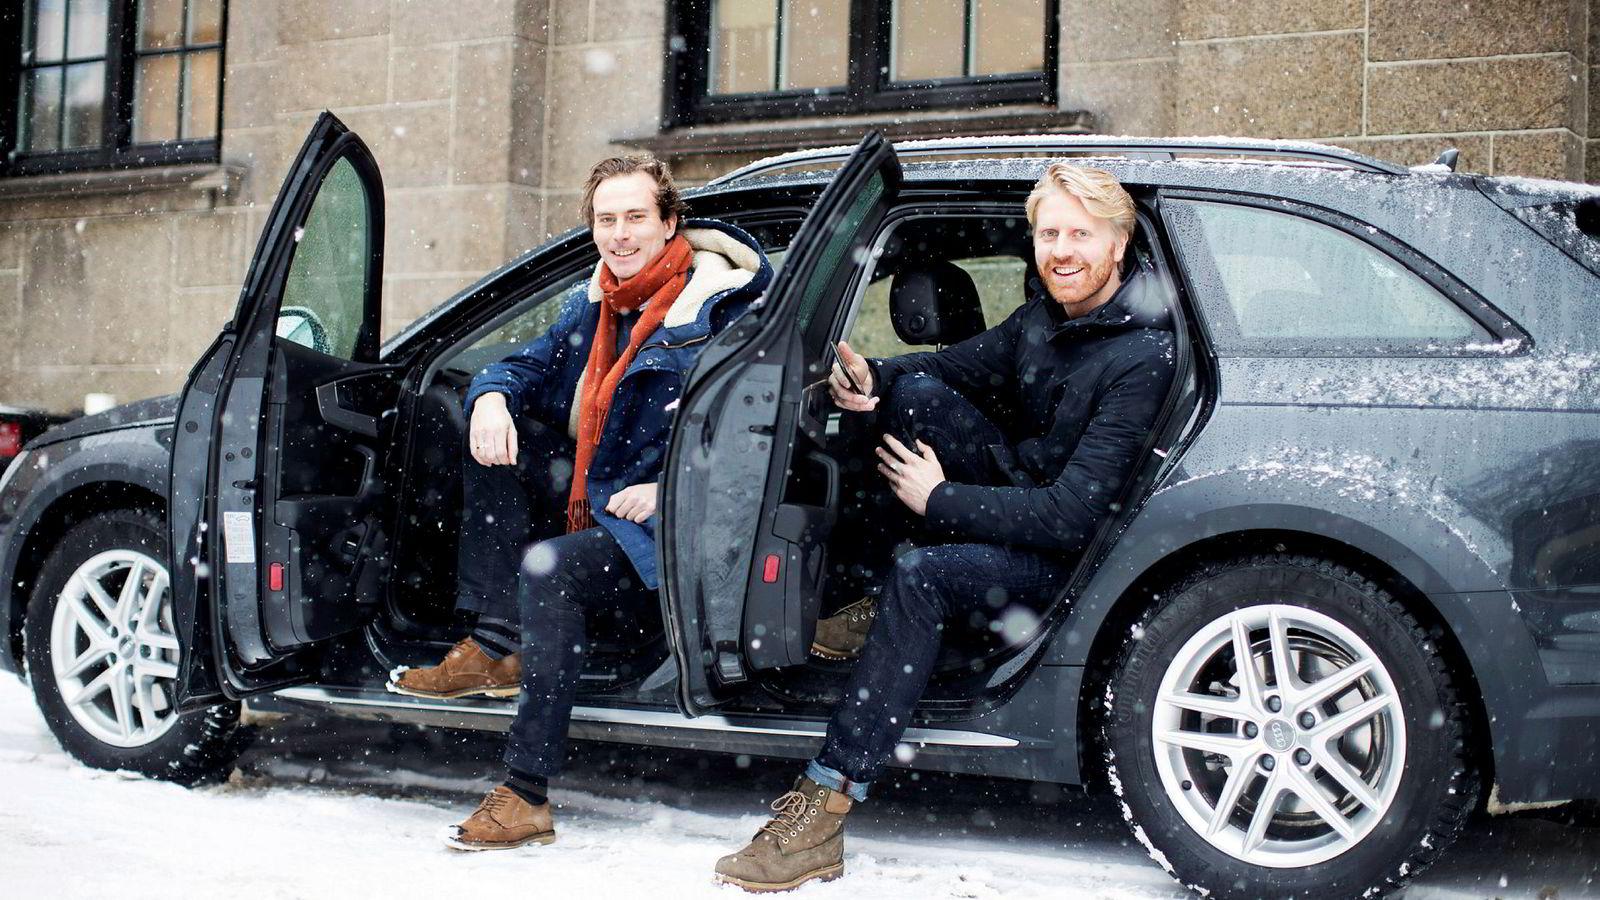 Daglig leder Nils Petter Nordbø i Hyre i førersetet med markedssjef Jon Harald Ryste Rønning bak. Selskapet satser på en løsning som skal være et alternativ til å eie egen bil, spesielt i byer.